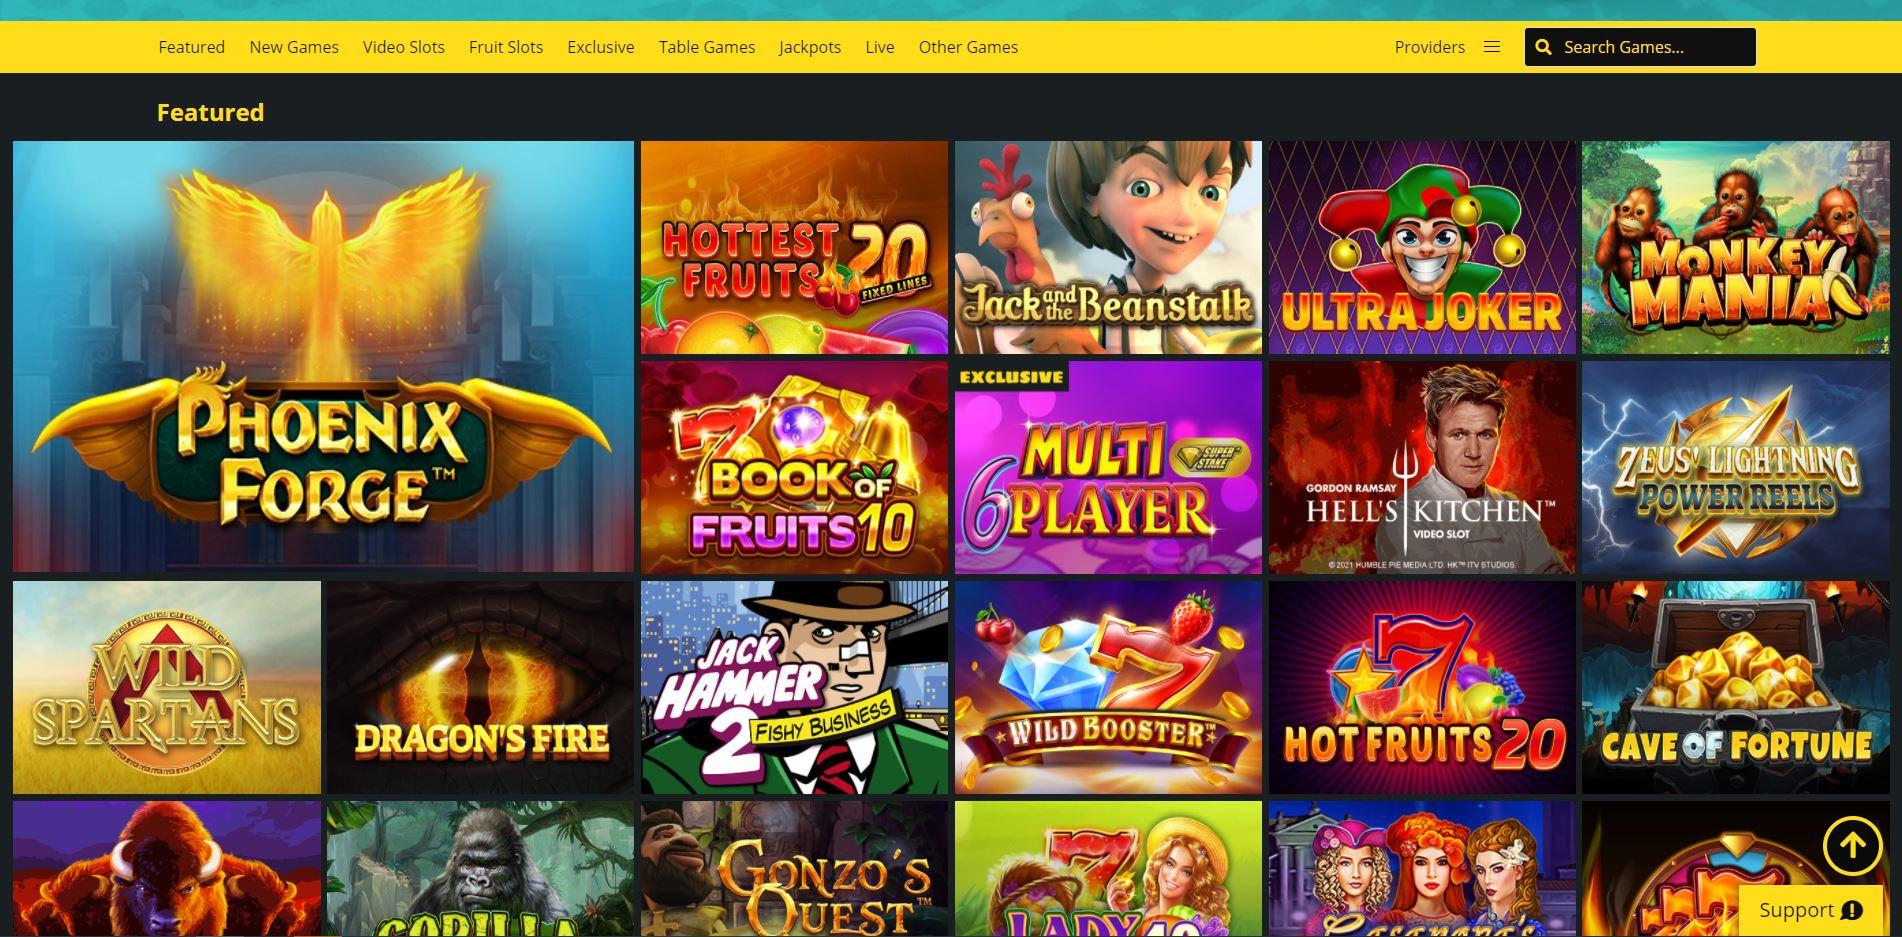 Whamoo Casino Homepage Games Screenshot